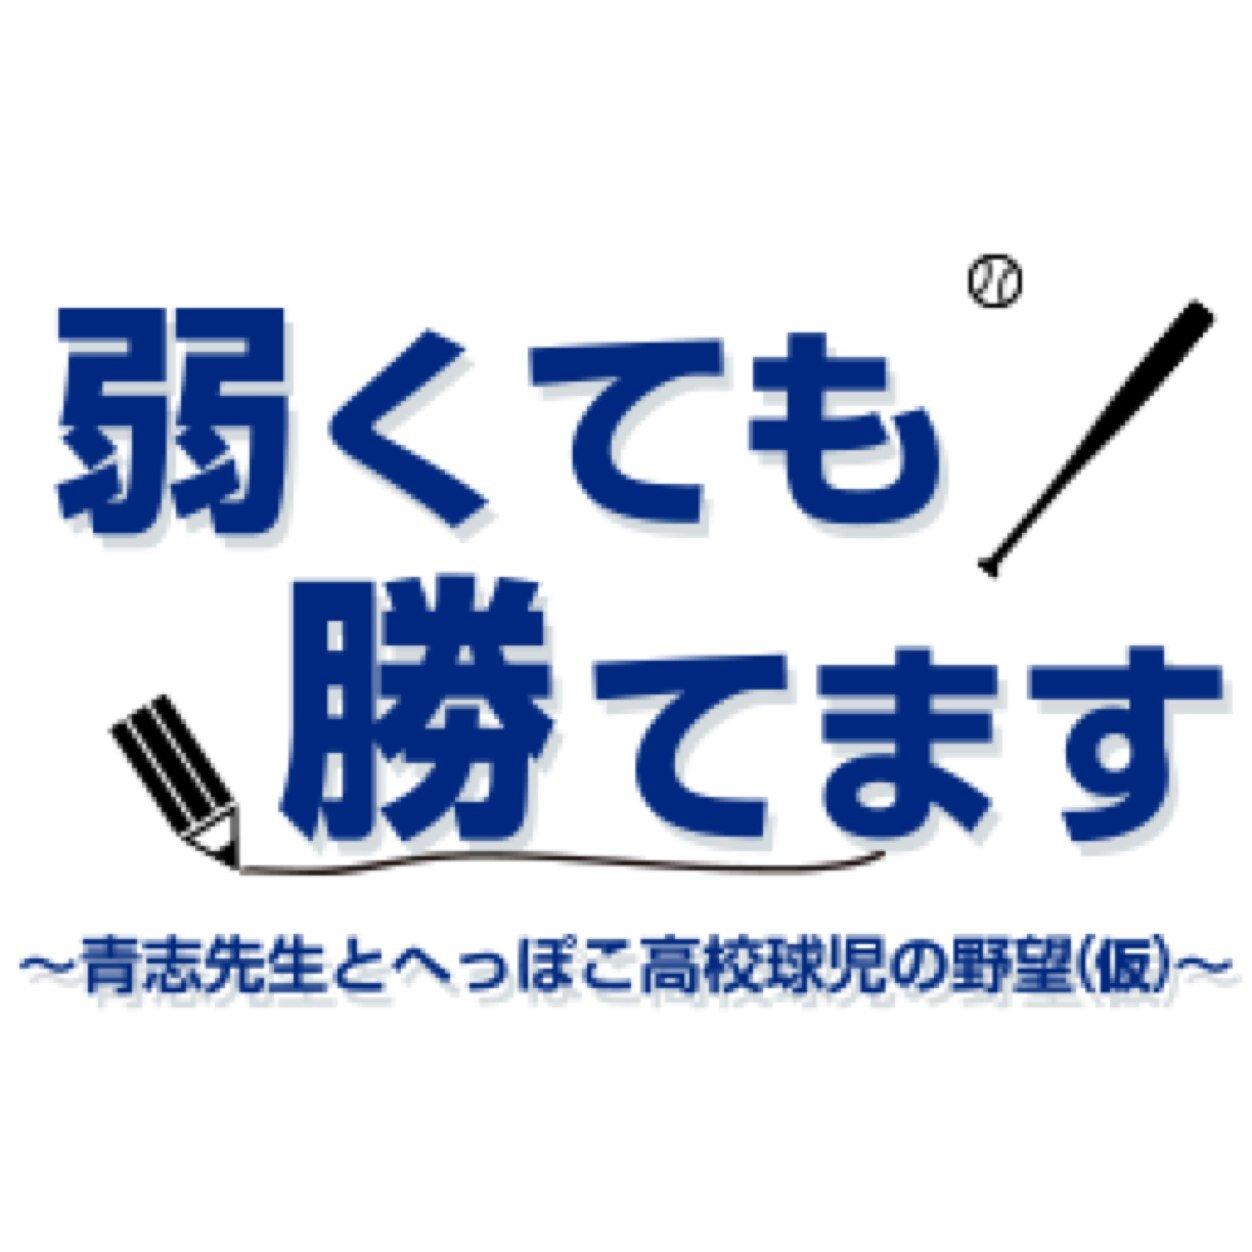 嵐 二宮和也さん主演ドラマ「弱くても勝てます」キャスト決定情報 + あなたの学校に二宮さんが来るかも?!訪問学校募集情報☆